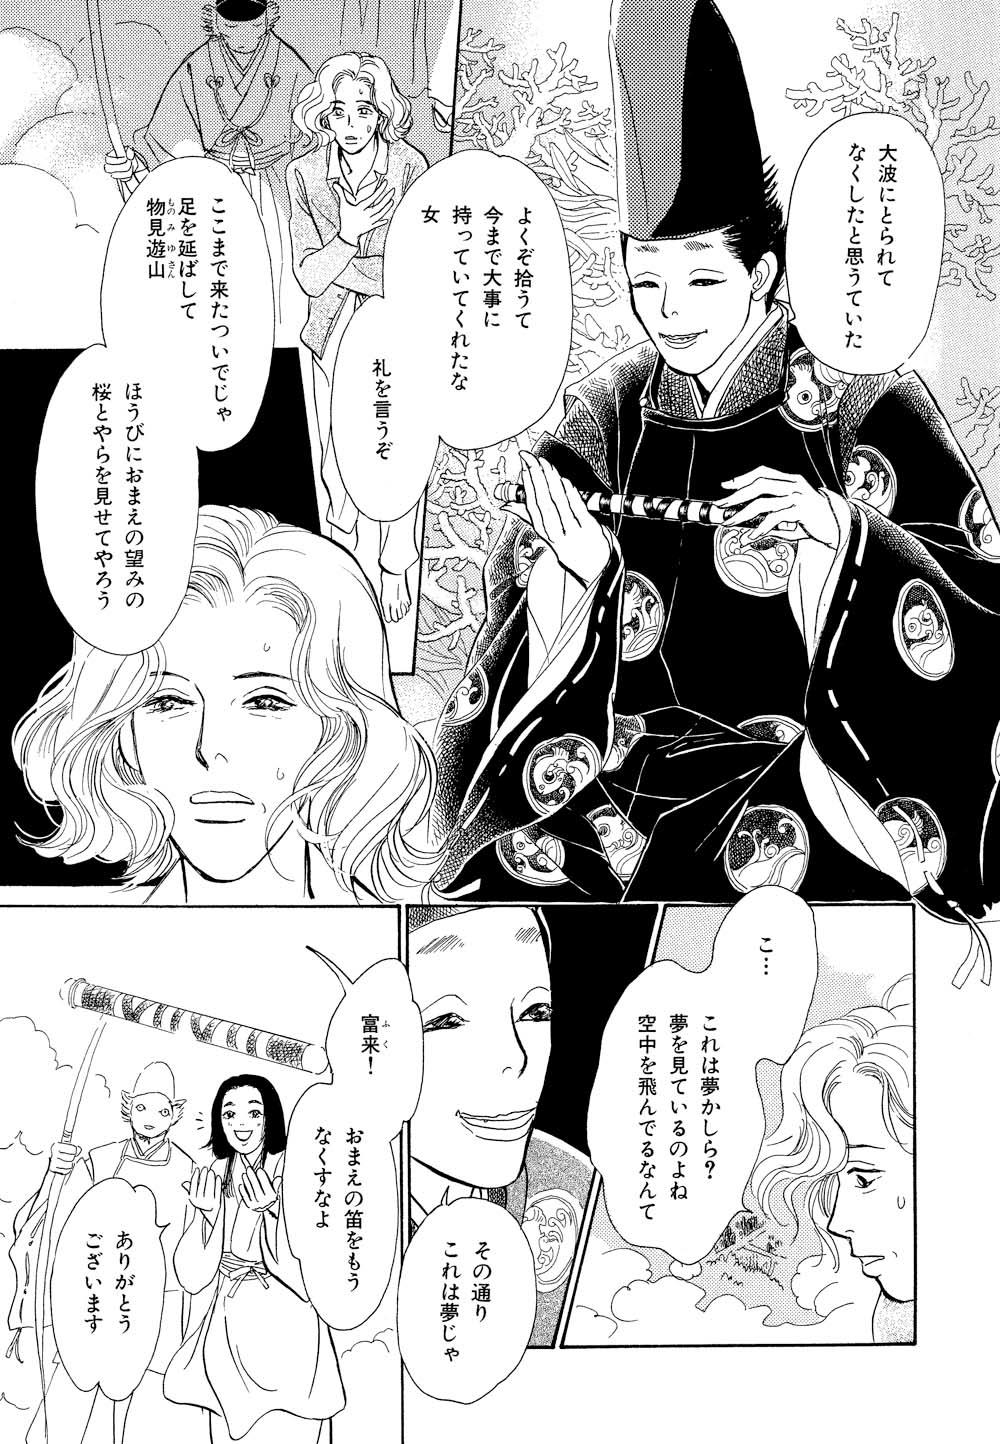 百鬼夜行抄_09_0147.jpg